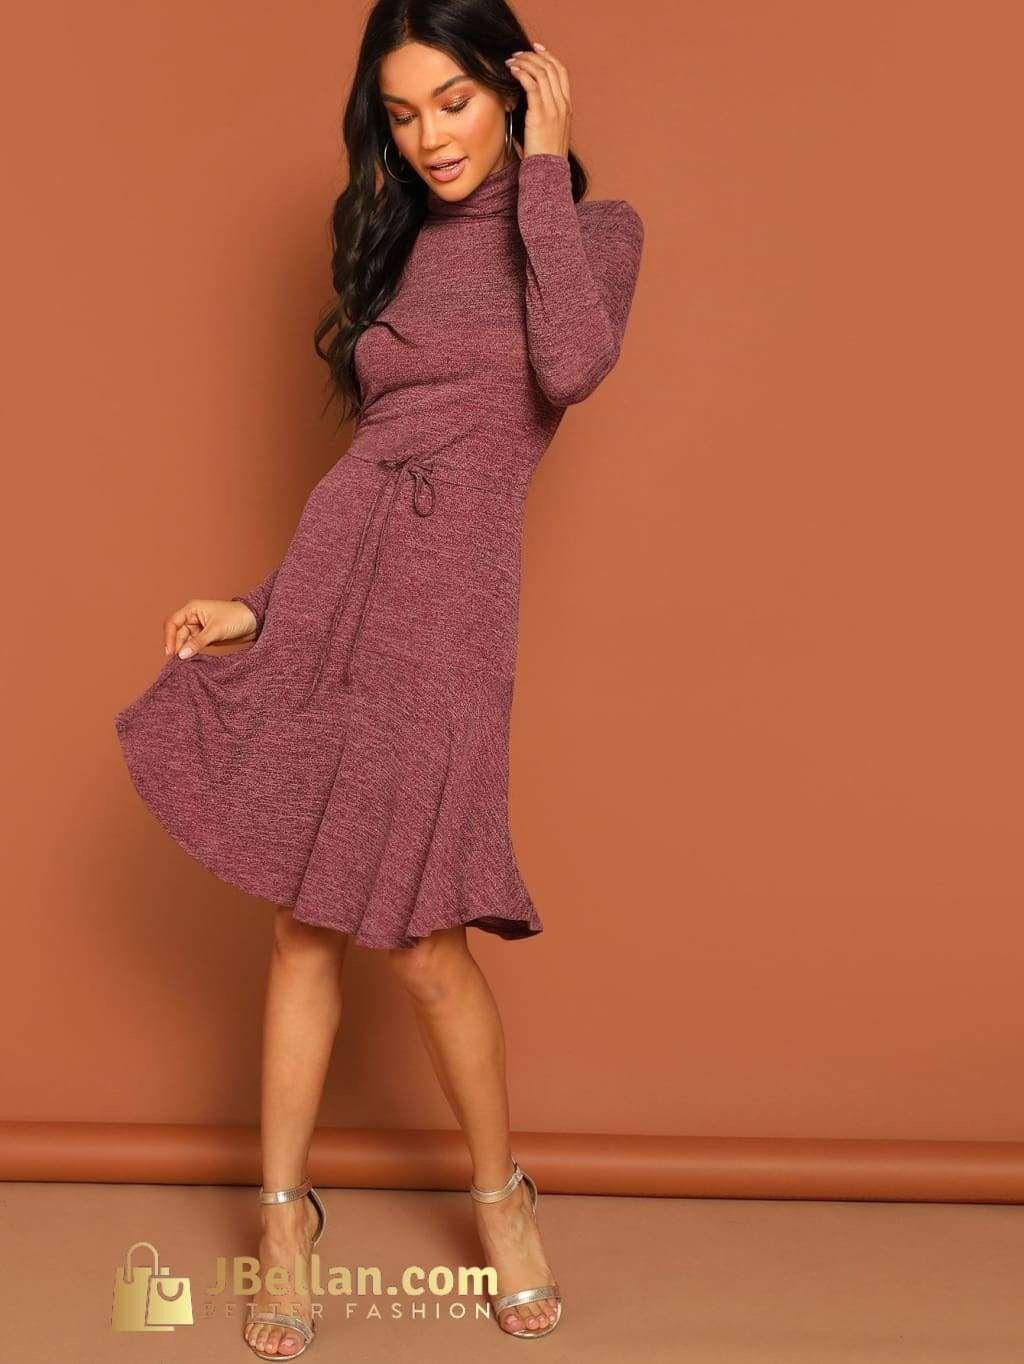 3a942e882b7d6 Jbellan High Neck Drawstring Waist Heather Knit Dress | Products ...